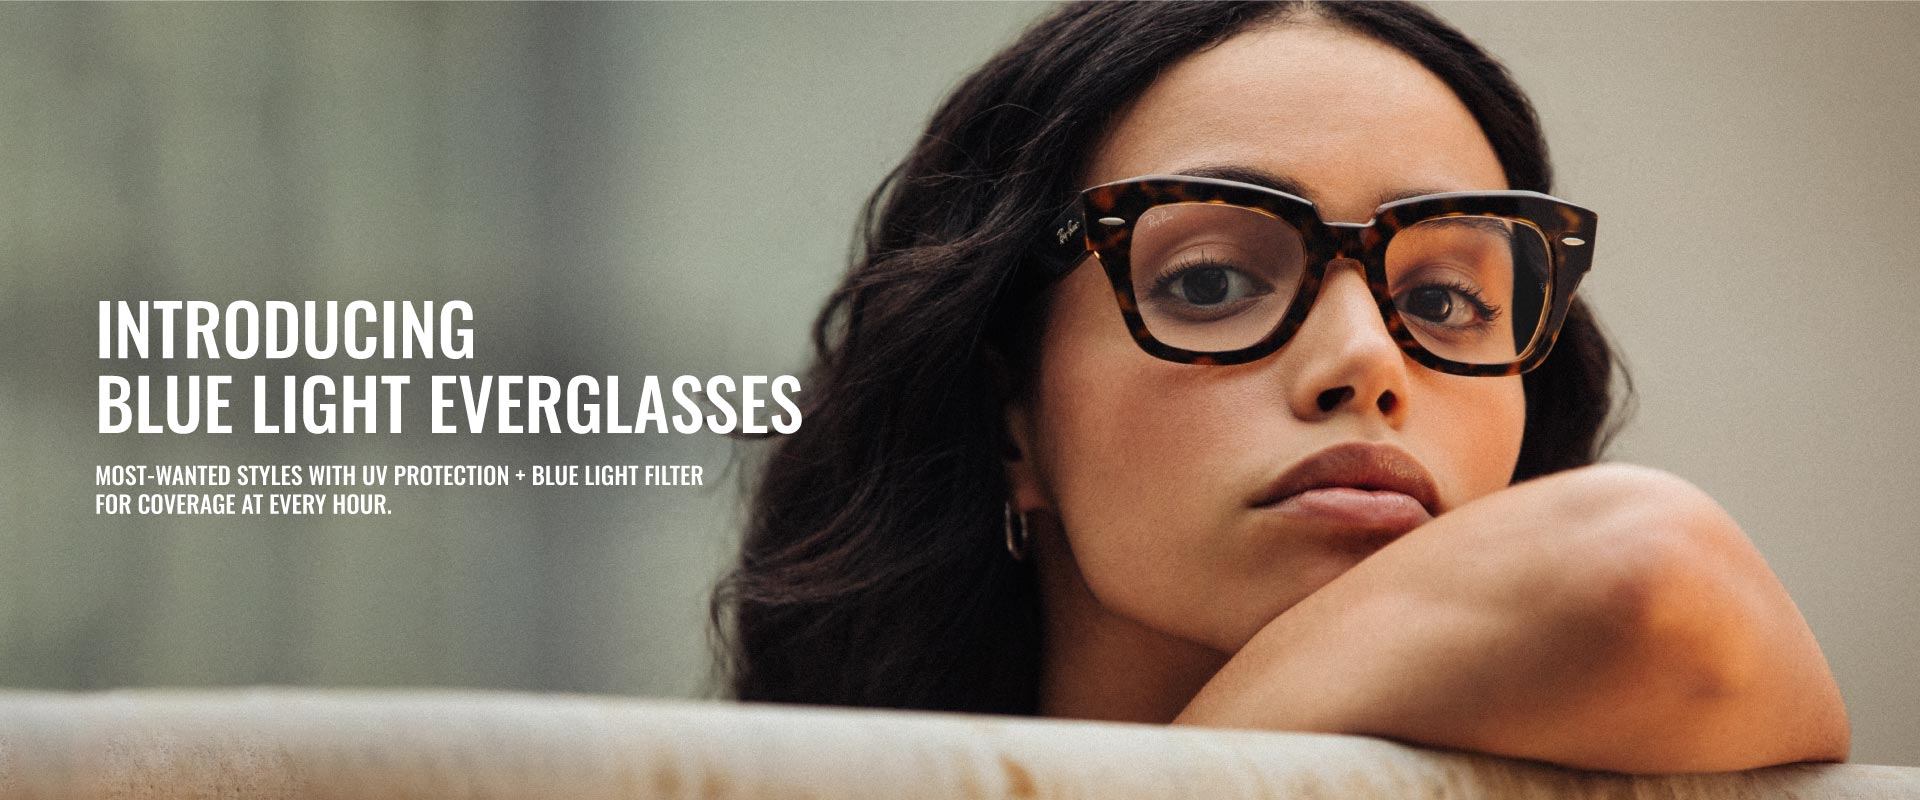 Desktop_Everglasses_RB_Website_Banners